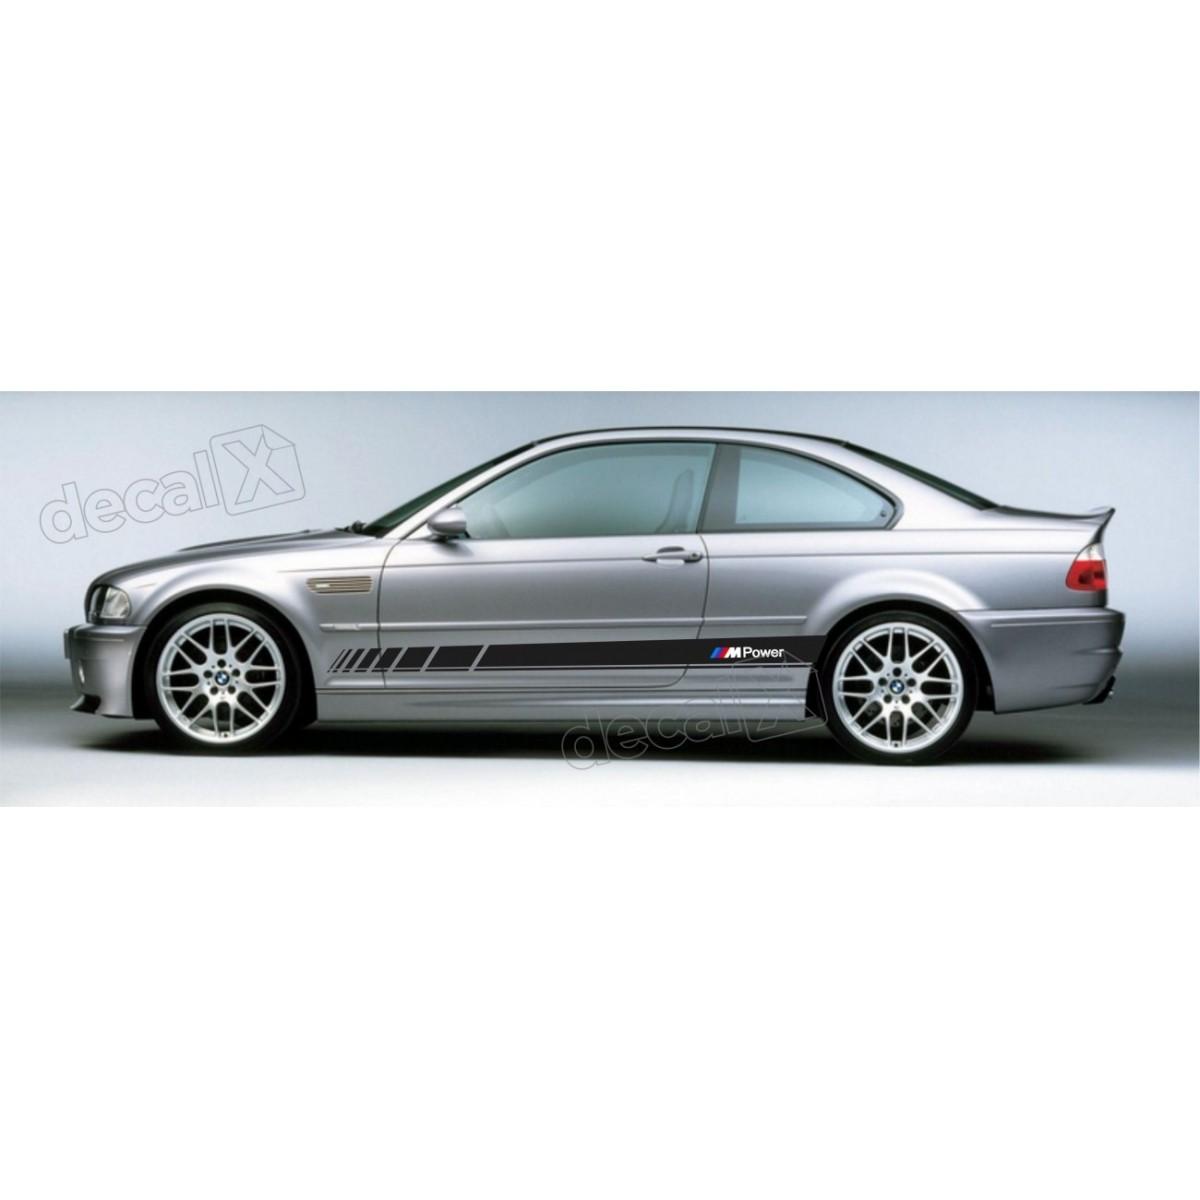 Adesivo Bmw Faixa Lateral Serie 3 Power Bw27